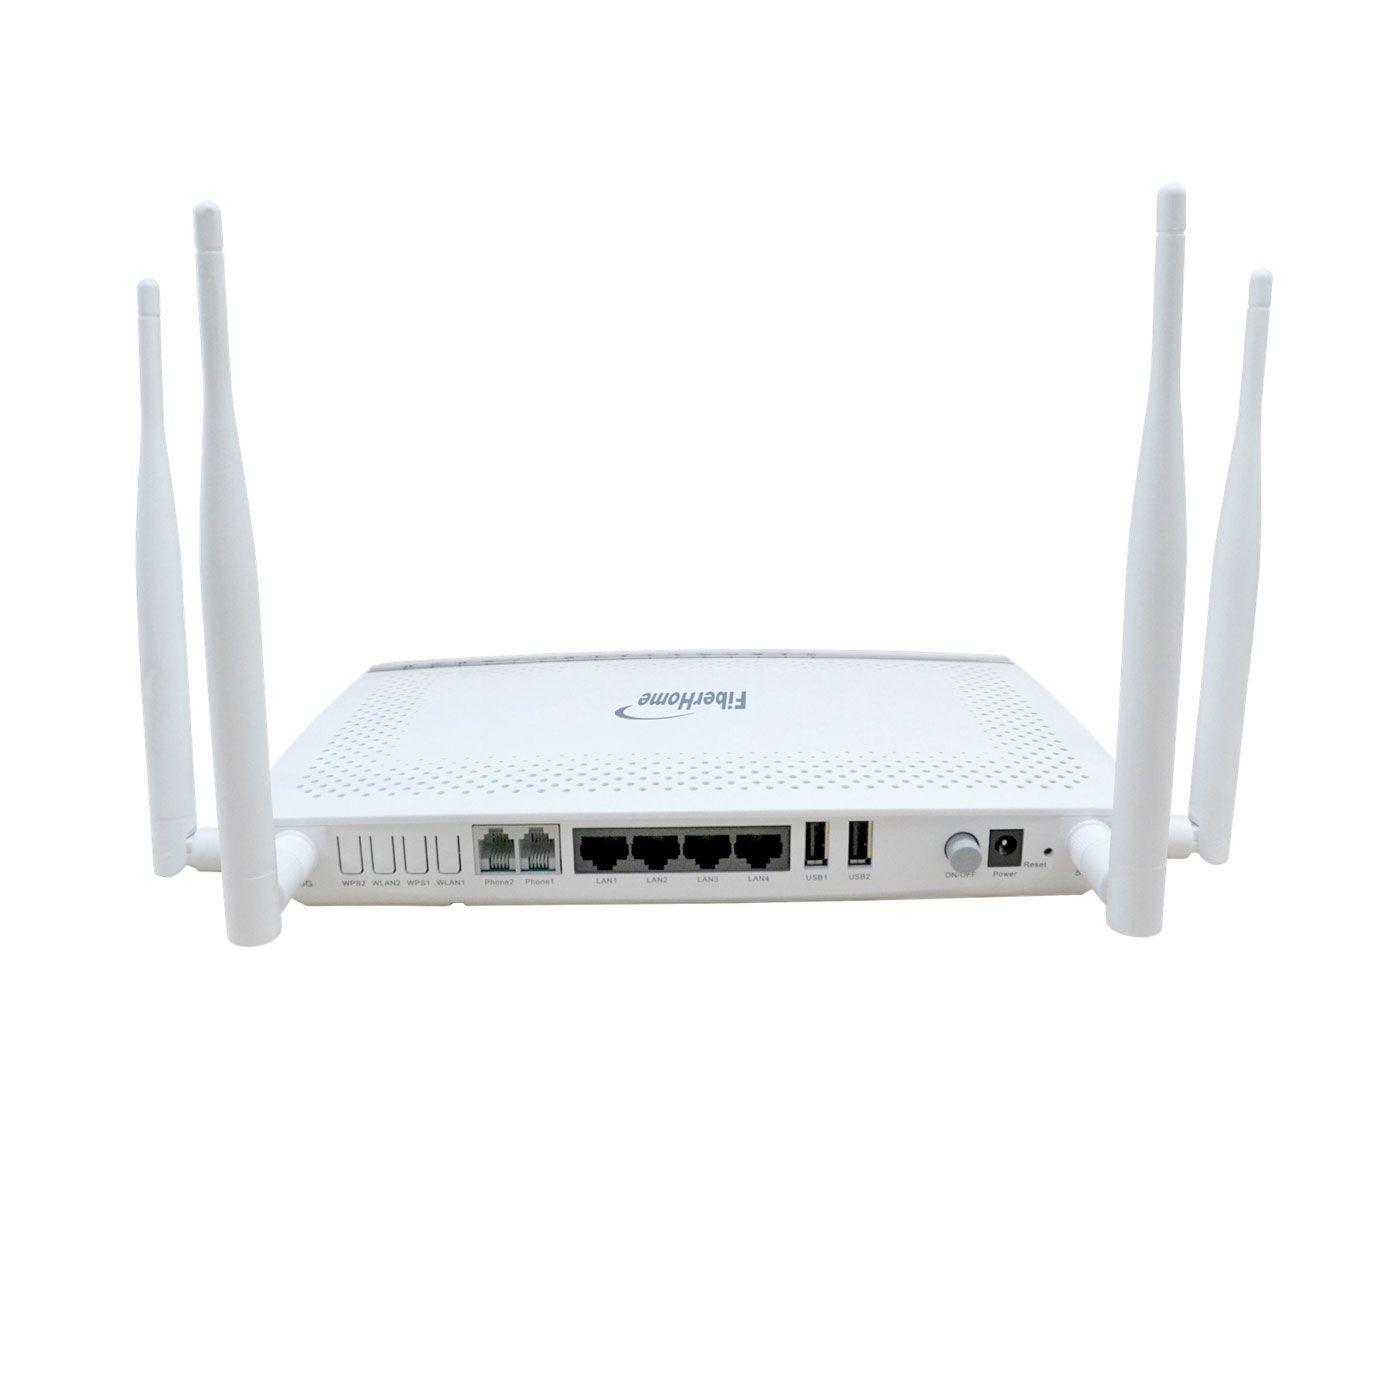 ONU FiberHome AN5506-04-FA (B) GPON 4GE + 2POTS + WiFi MIMO 2x2